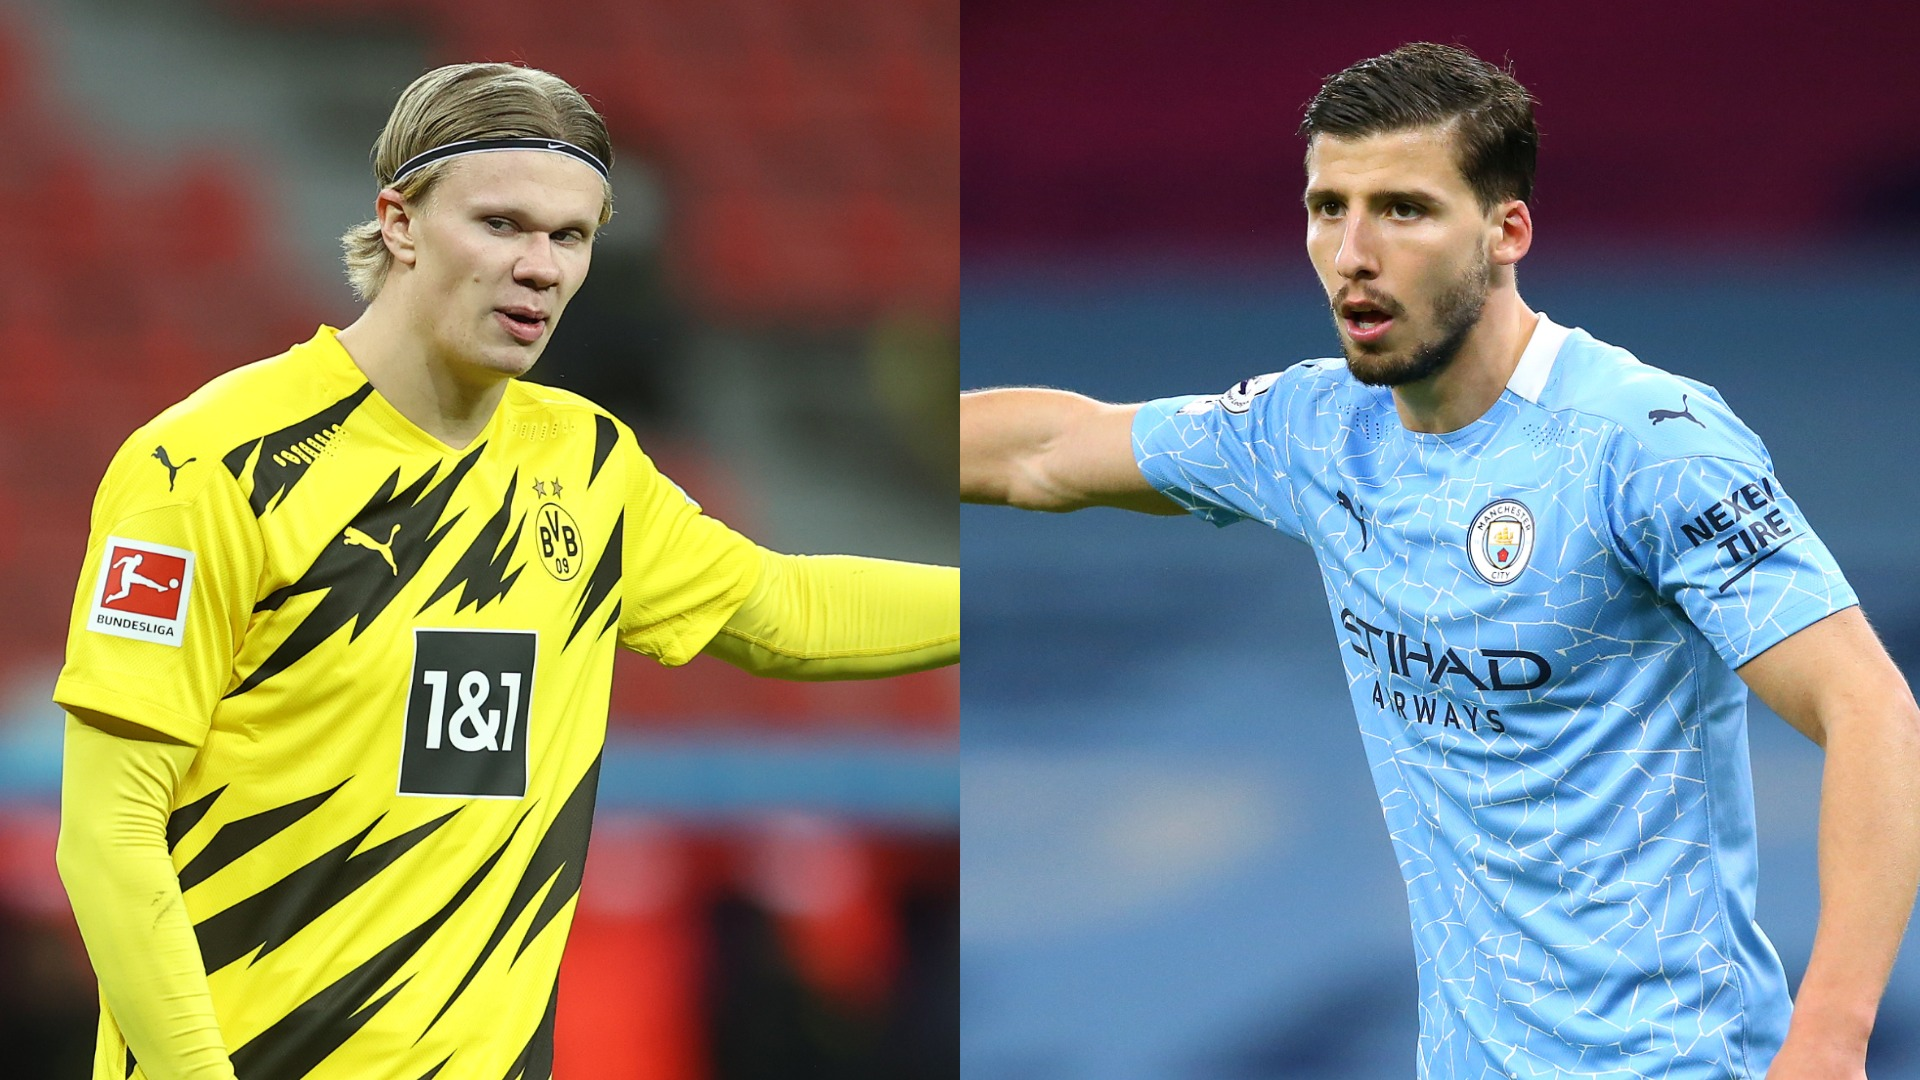 Haaland-Dias battle will be key in Man City v Dortmund, says Wright-Phillips